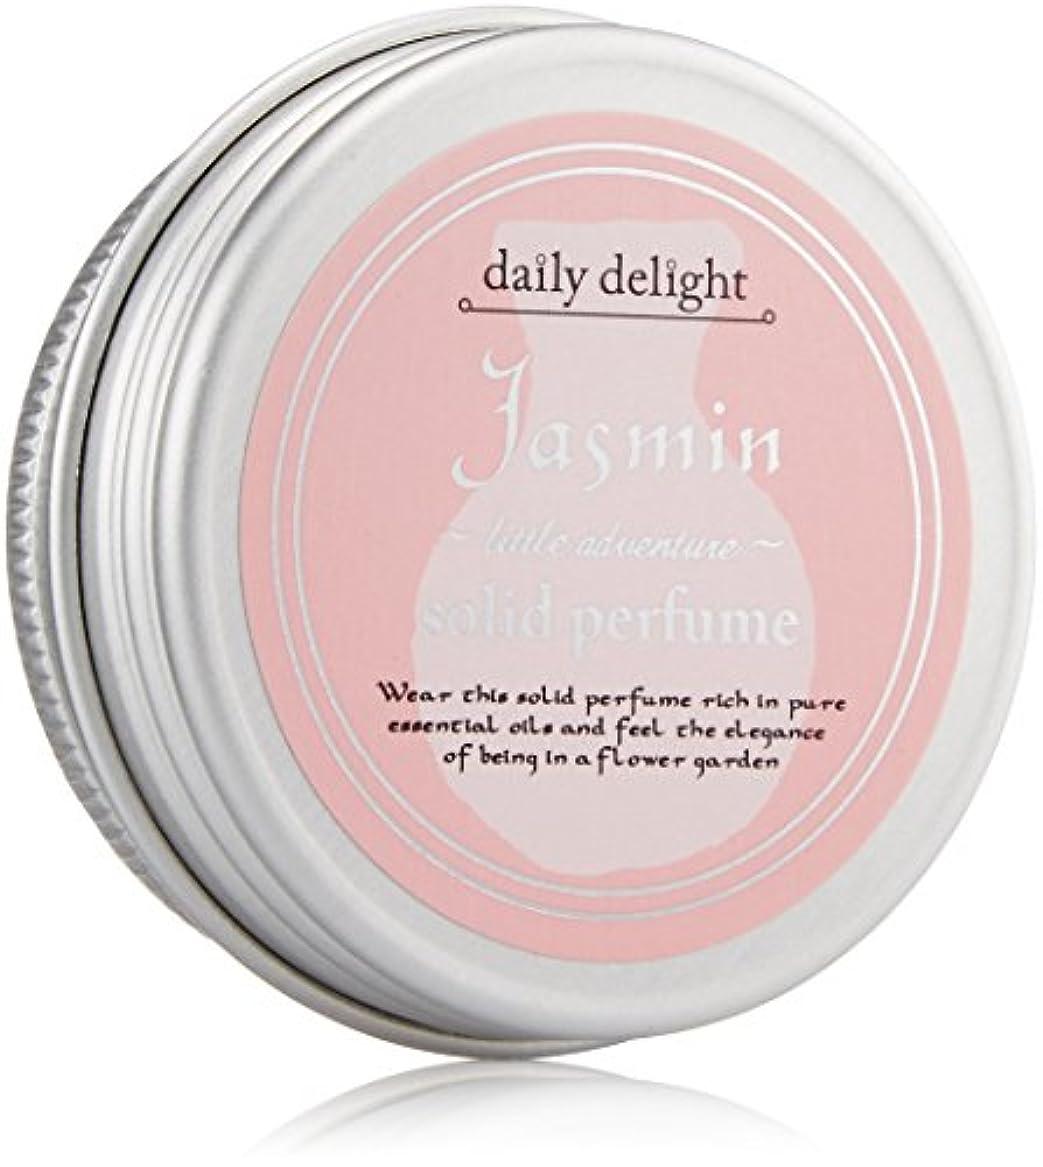 表示肥沃なを通してデイリーディライト 練り香水 ジャスミン  10g(香水 携帯用 ソリッドパフューム アルコールフリー 奥深く魅了されるジャスミンの香り)